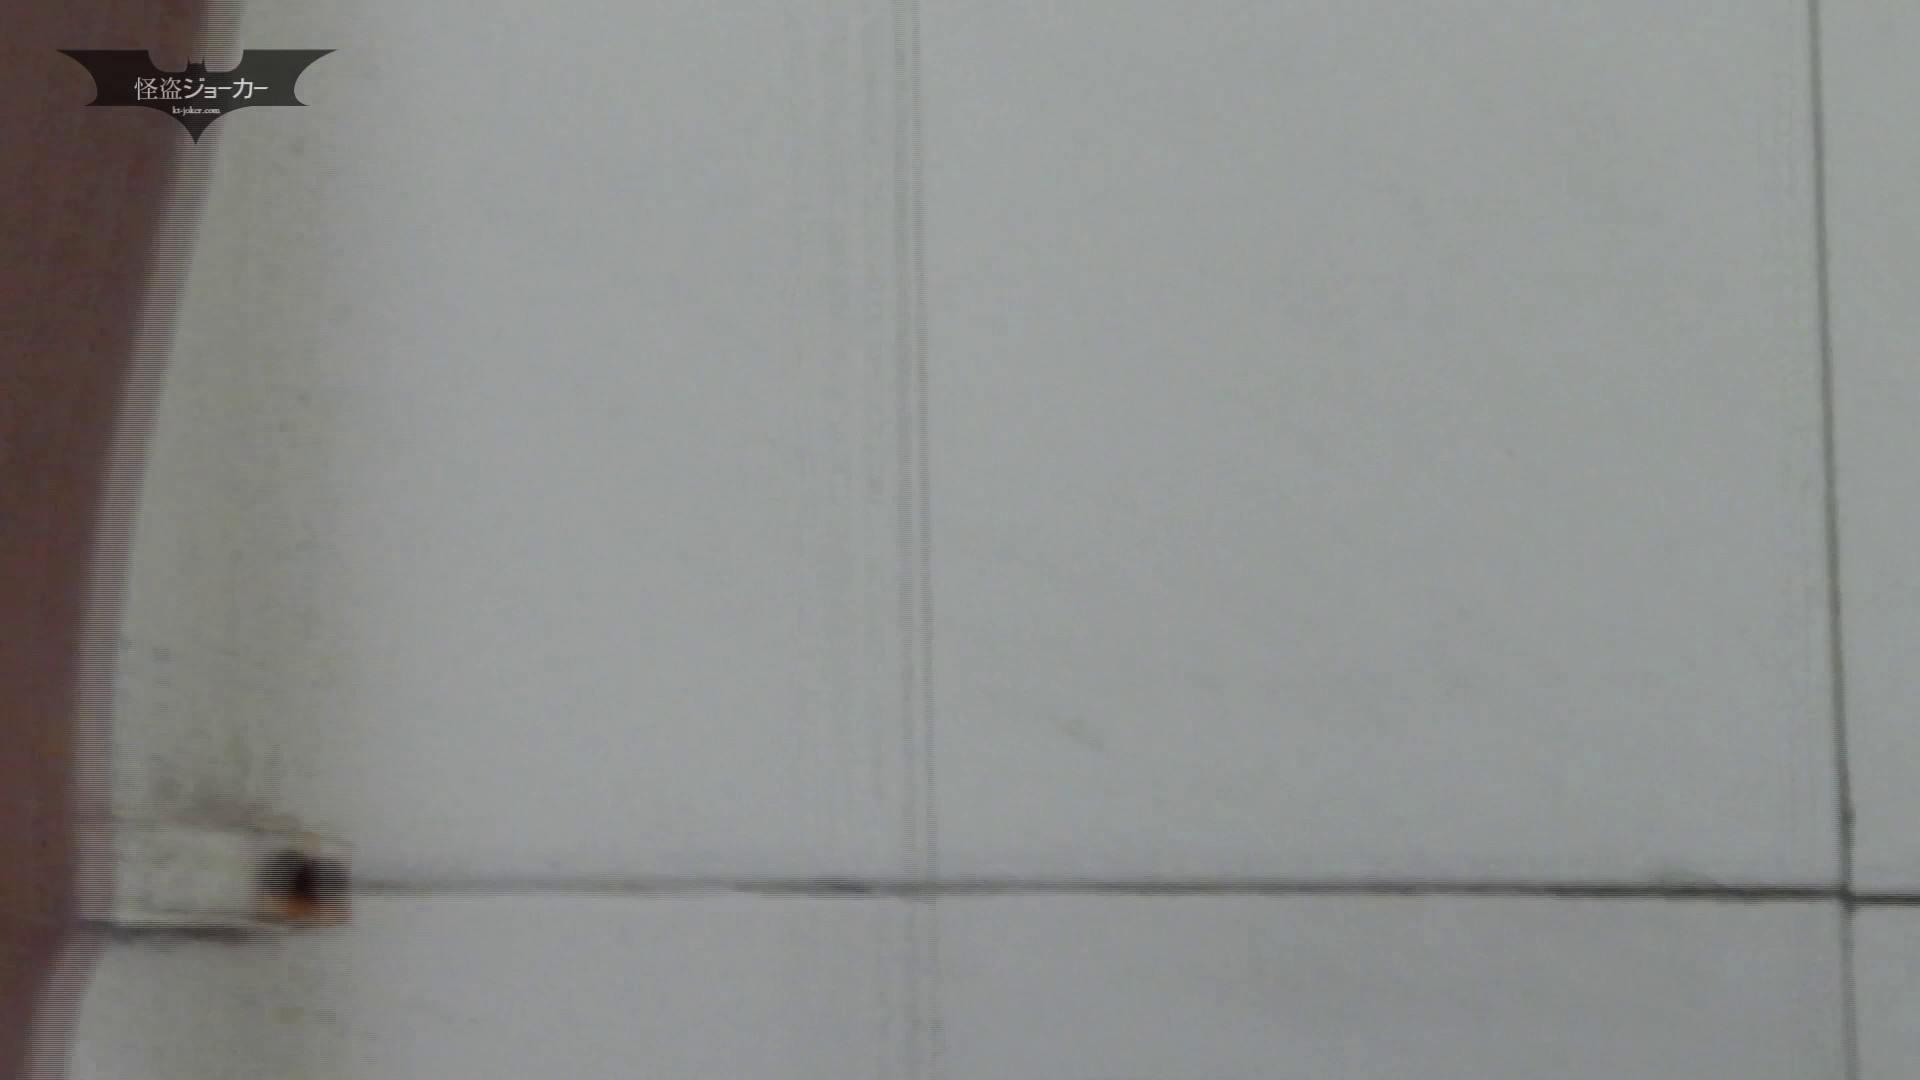 下からノゾム vol.032 走って追跡、そして、カメラ見られ大ピンチ 追跡 | OL女体  93連発 21